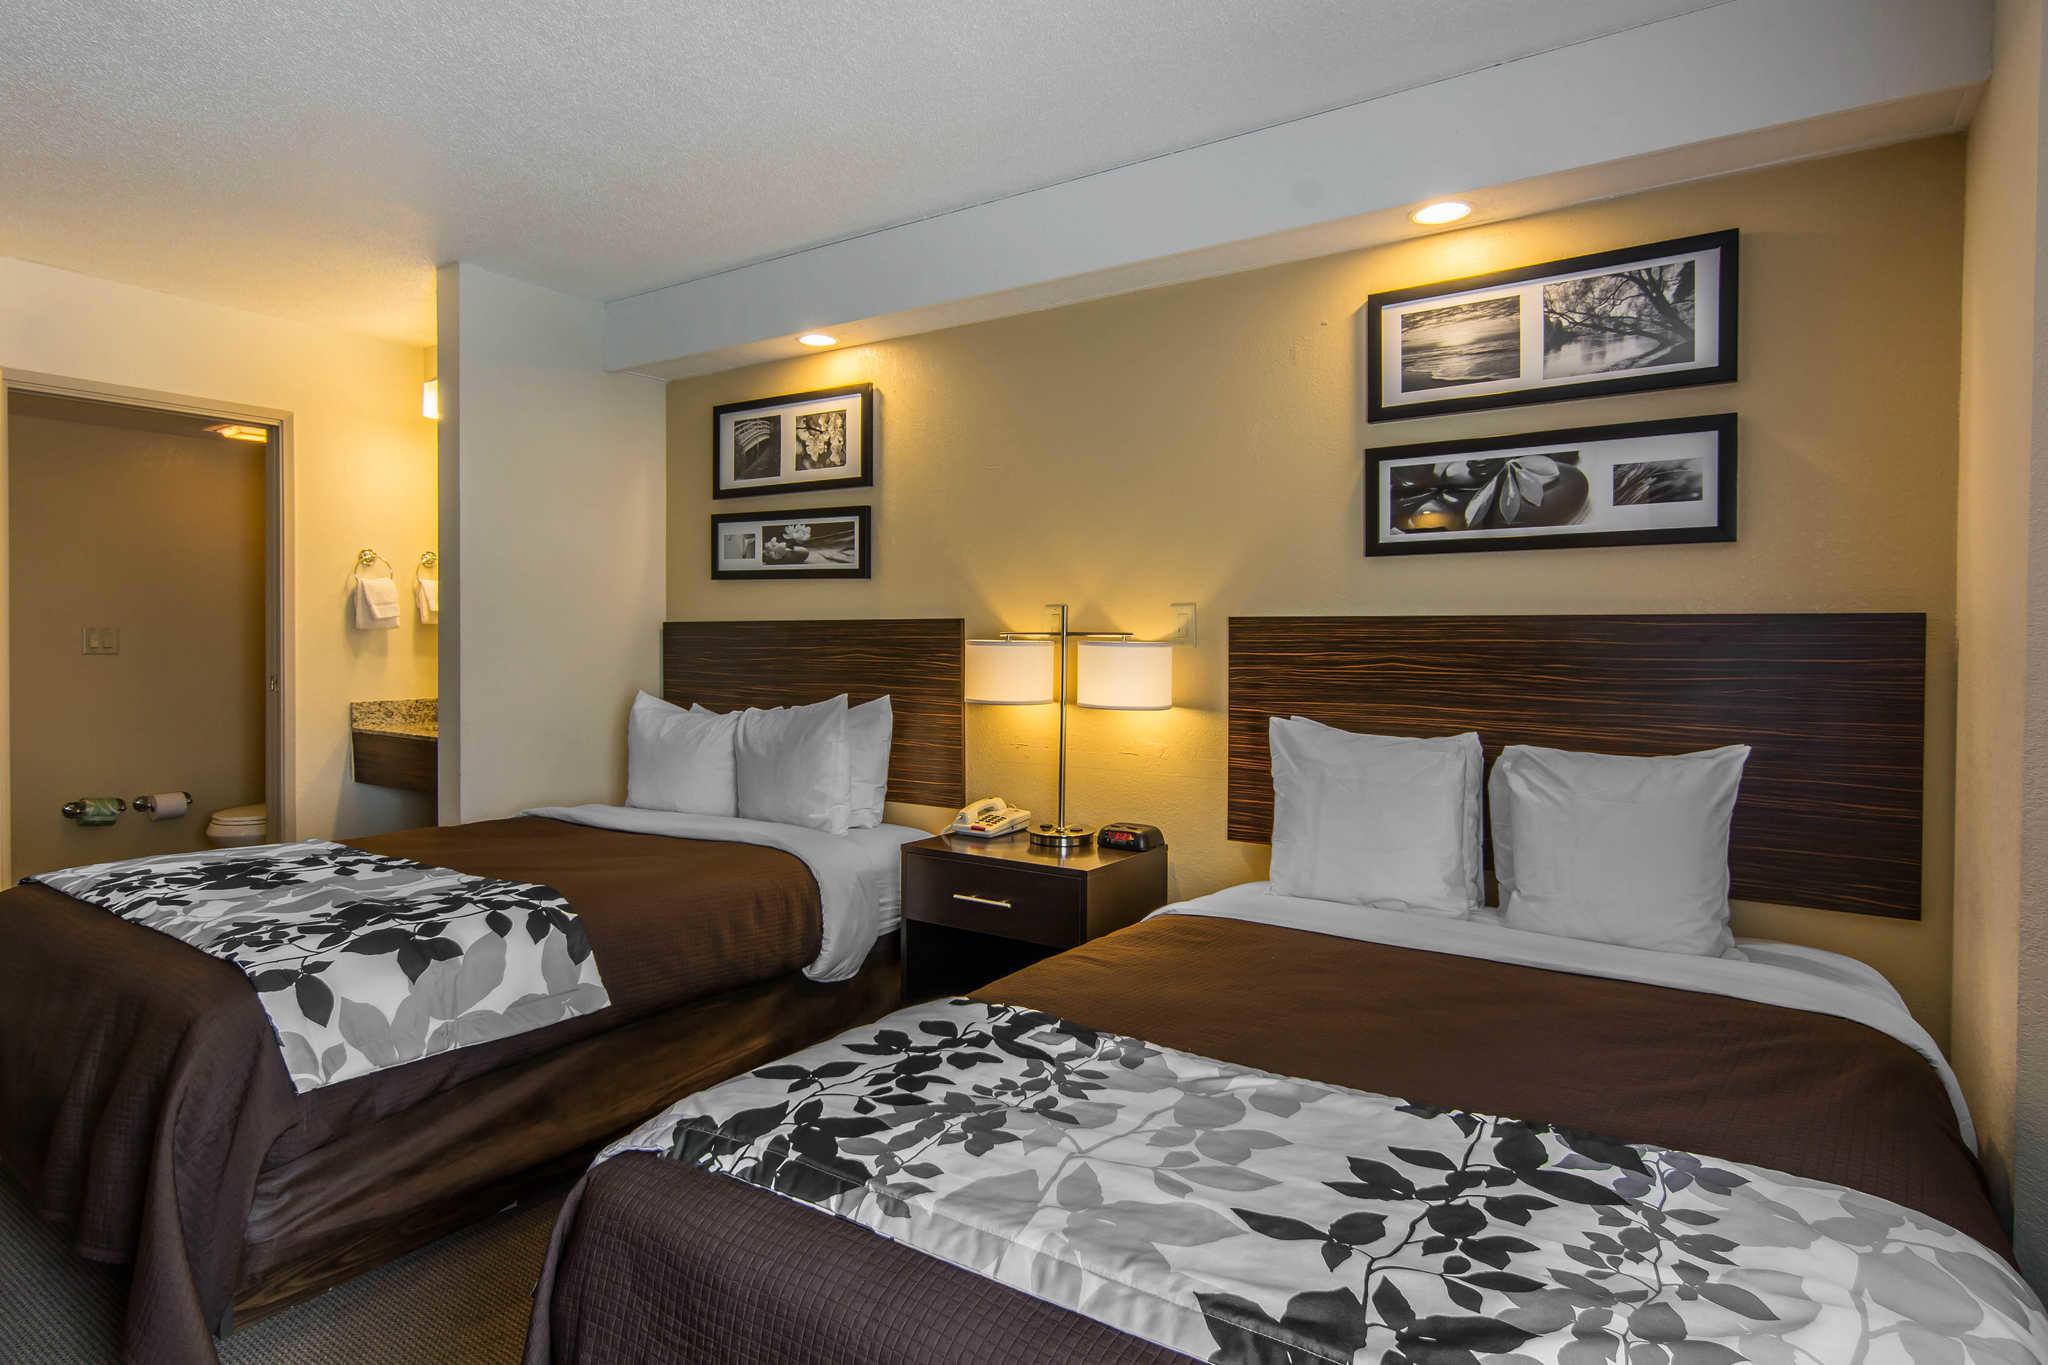 Sleep Inn & Suites Chesapeake - Portsmouth image 10